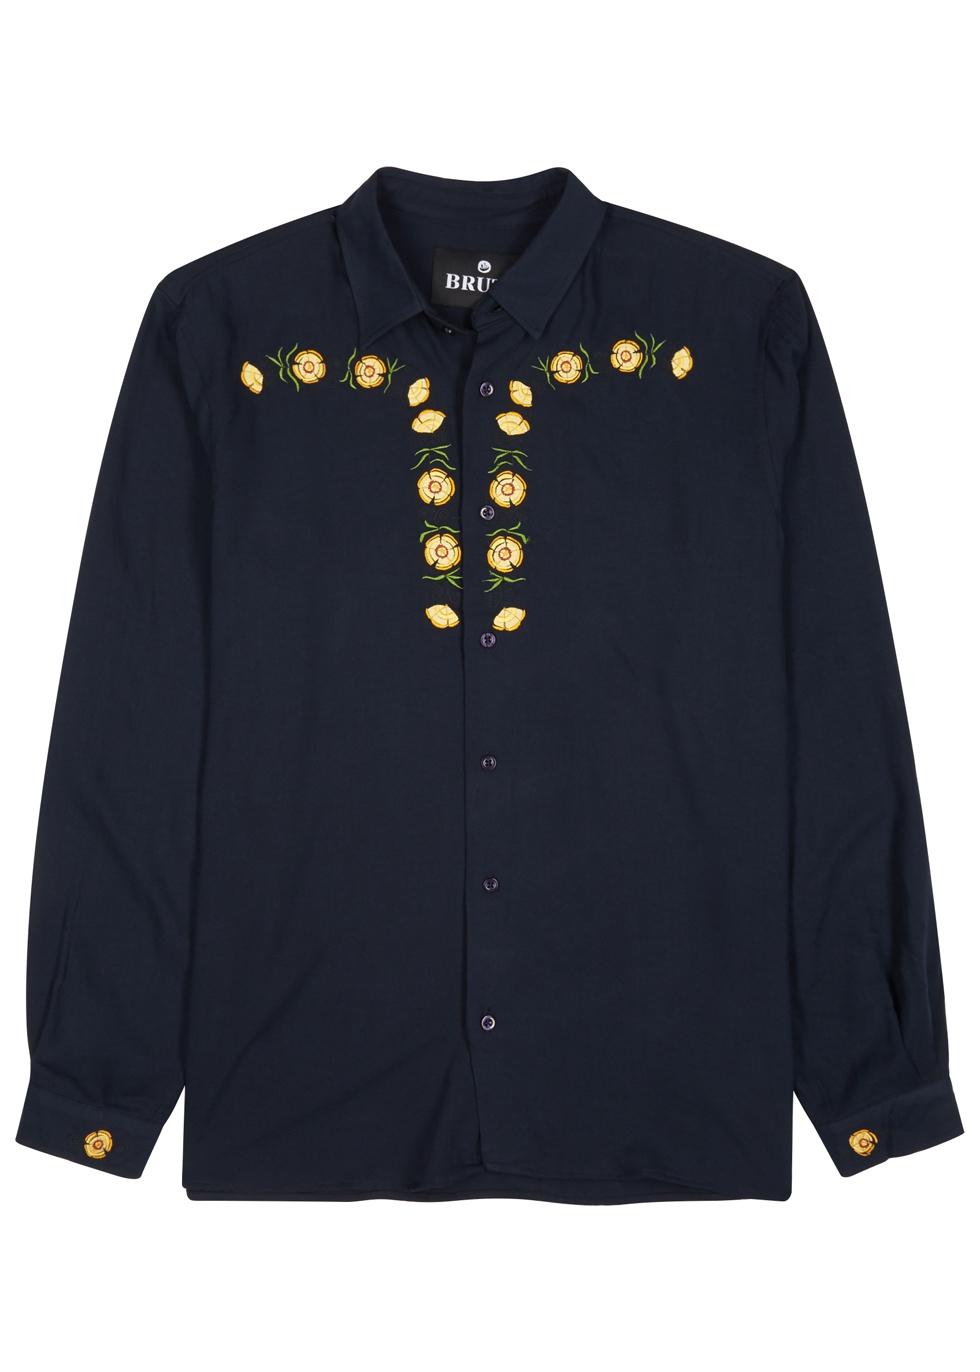 BRUTA Chivalry Navy Jersey Shirt